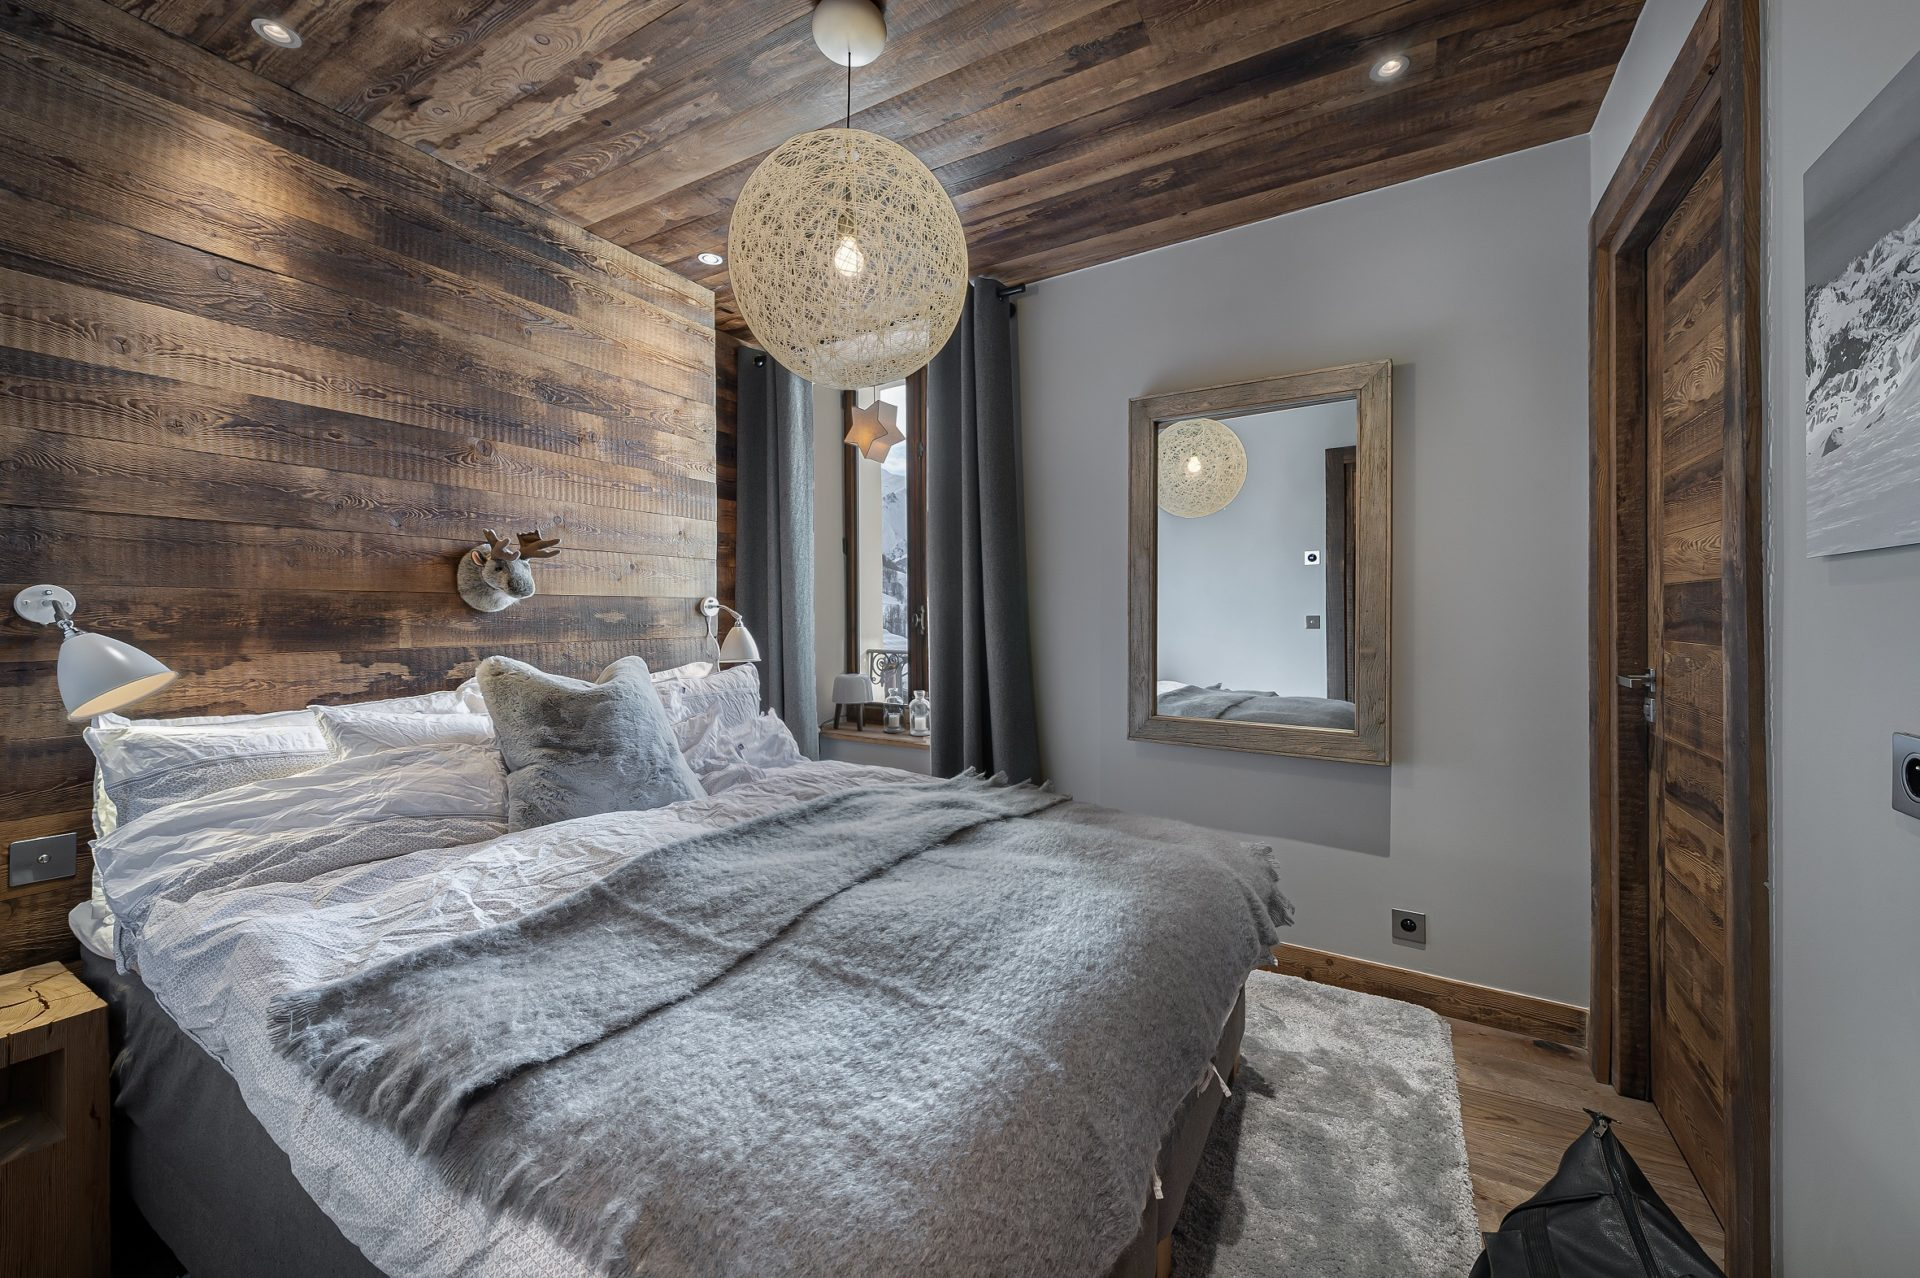 L'Epicerie / Appartement 3 / Chambre 1 / Saint Martin de Belleville, Savoie